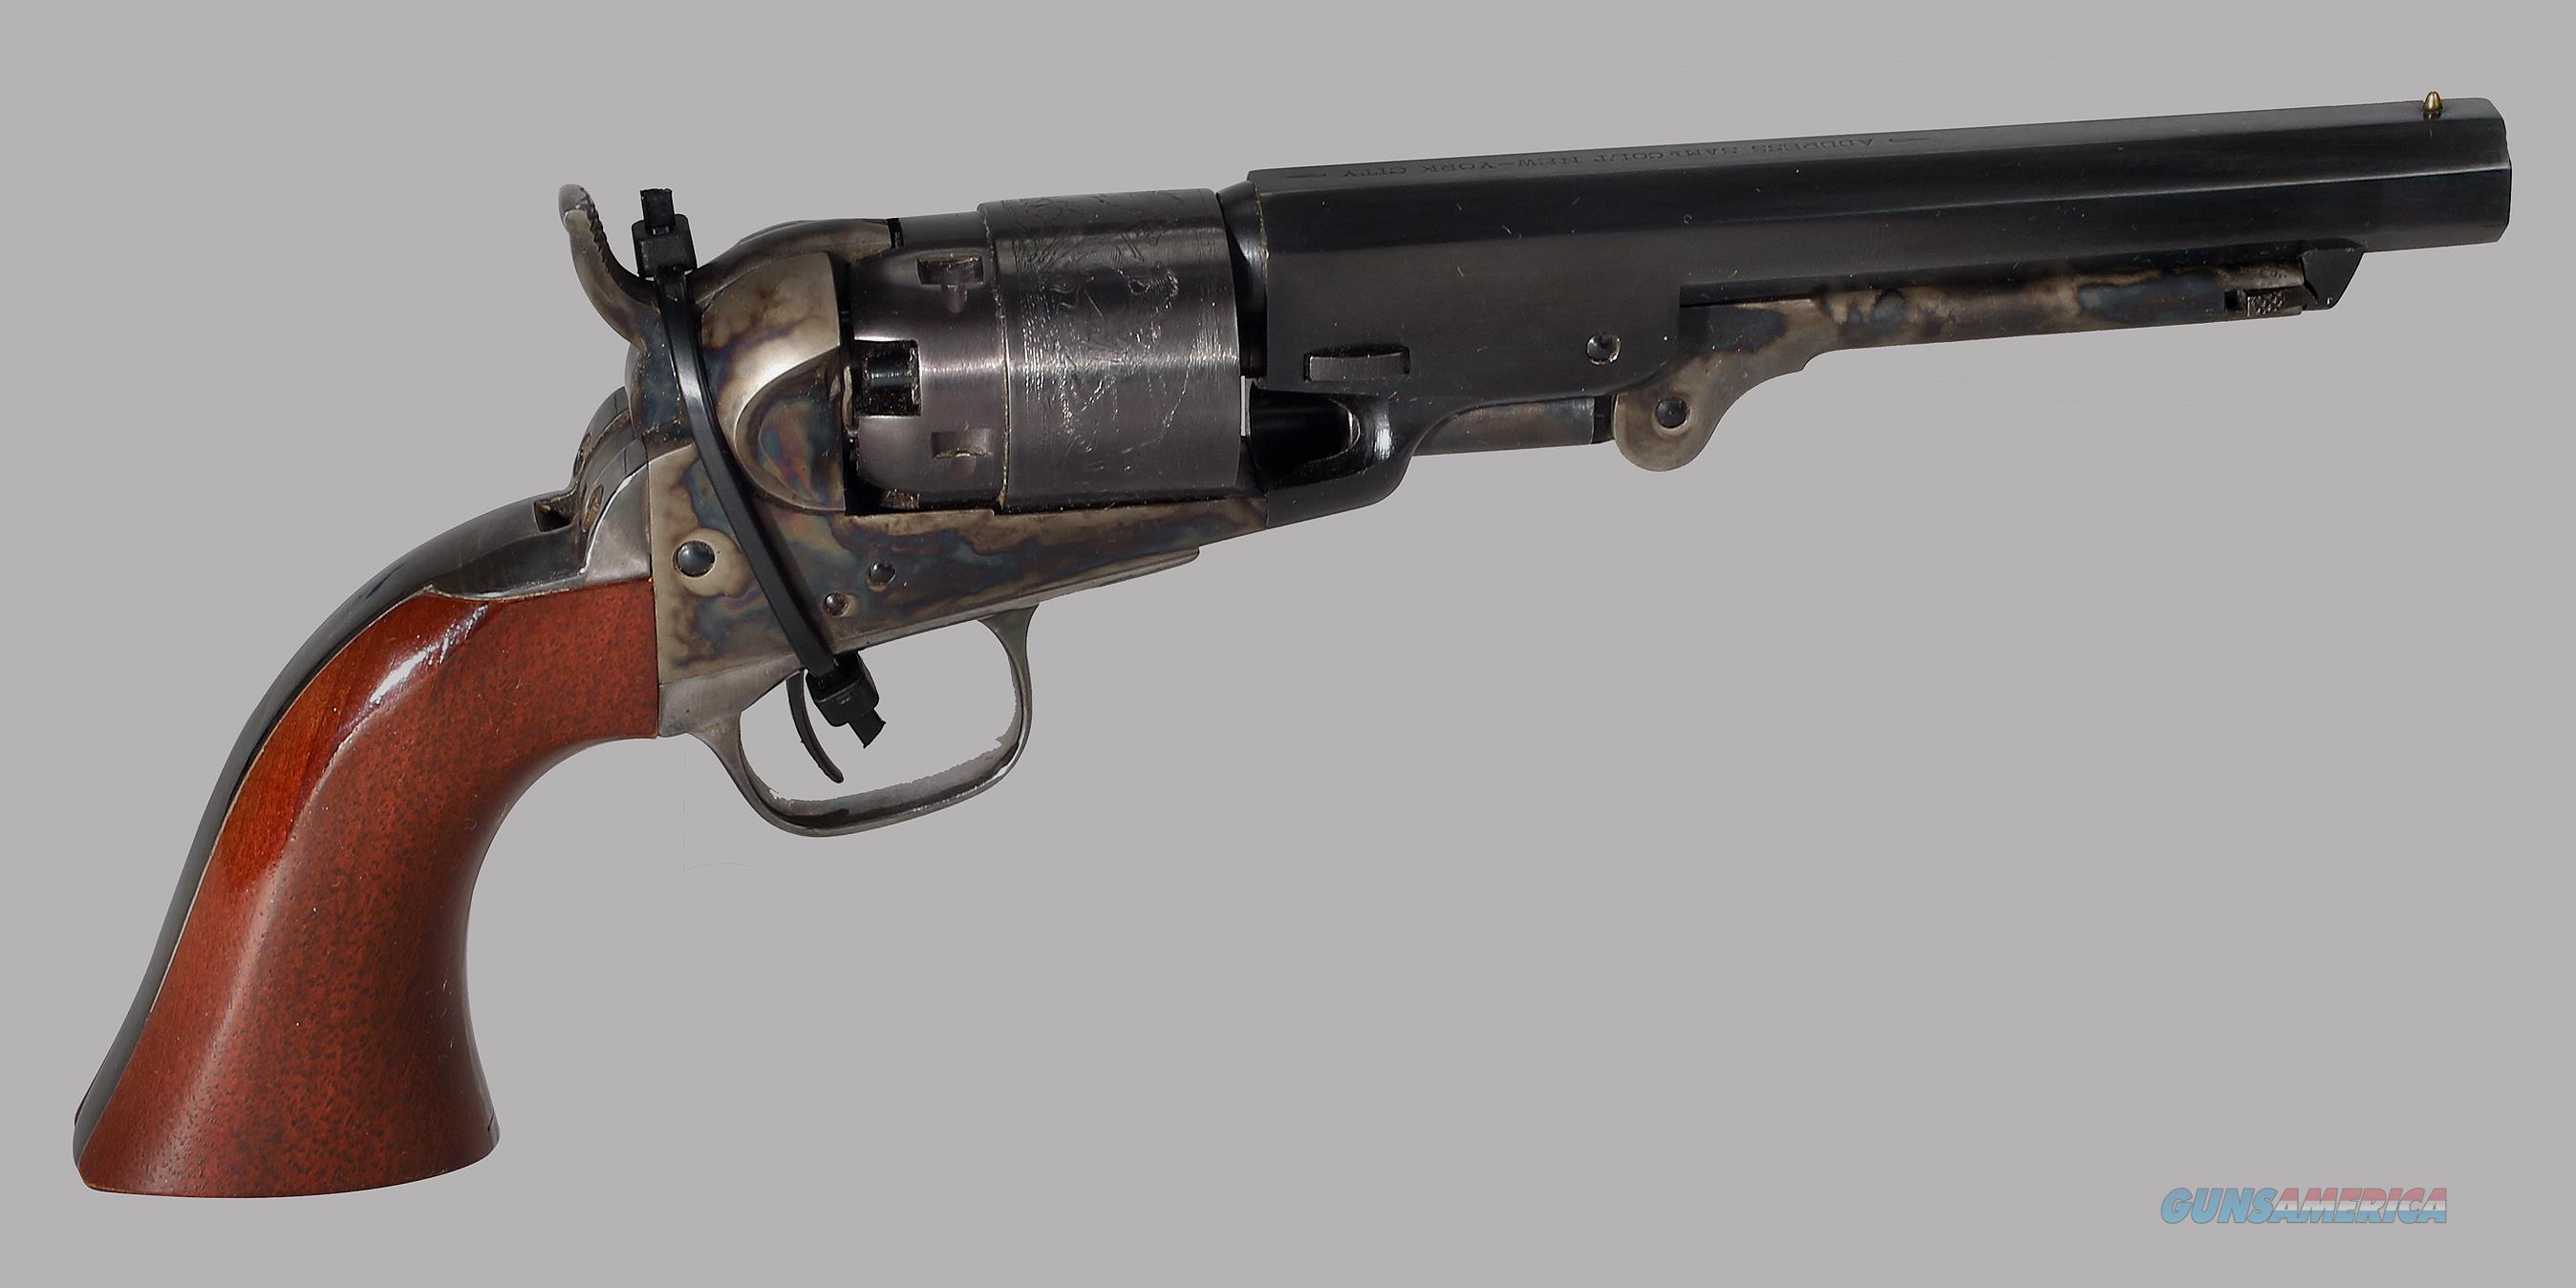 colt blackpowder 1862 pocket navy 36cal revolve for sale